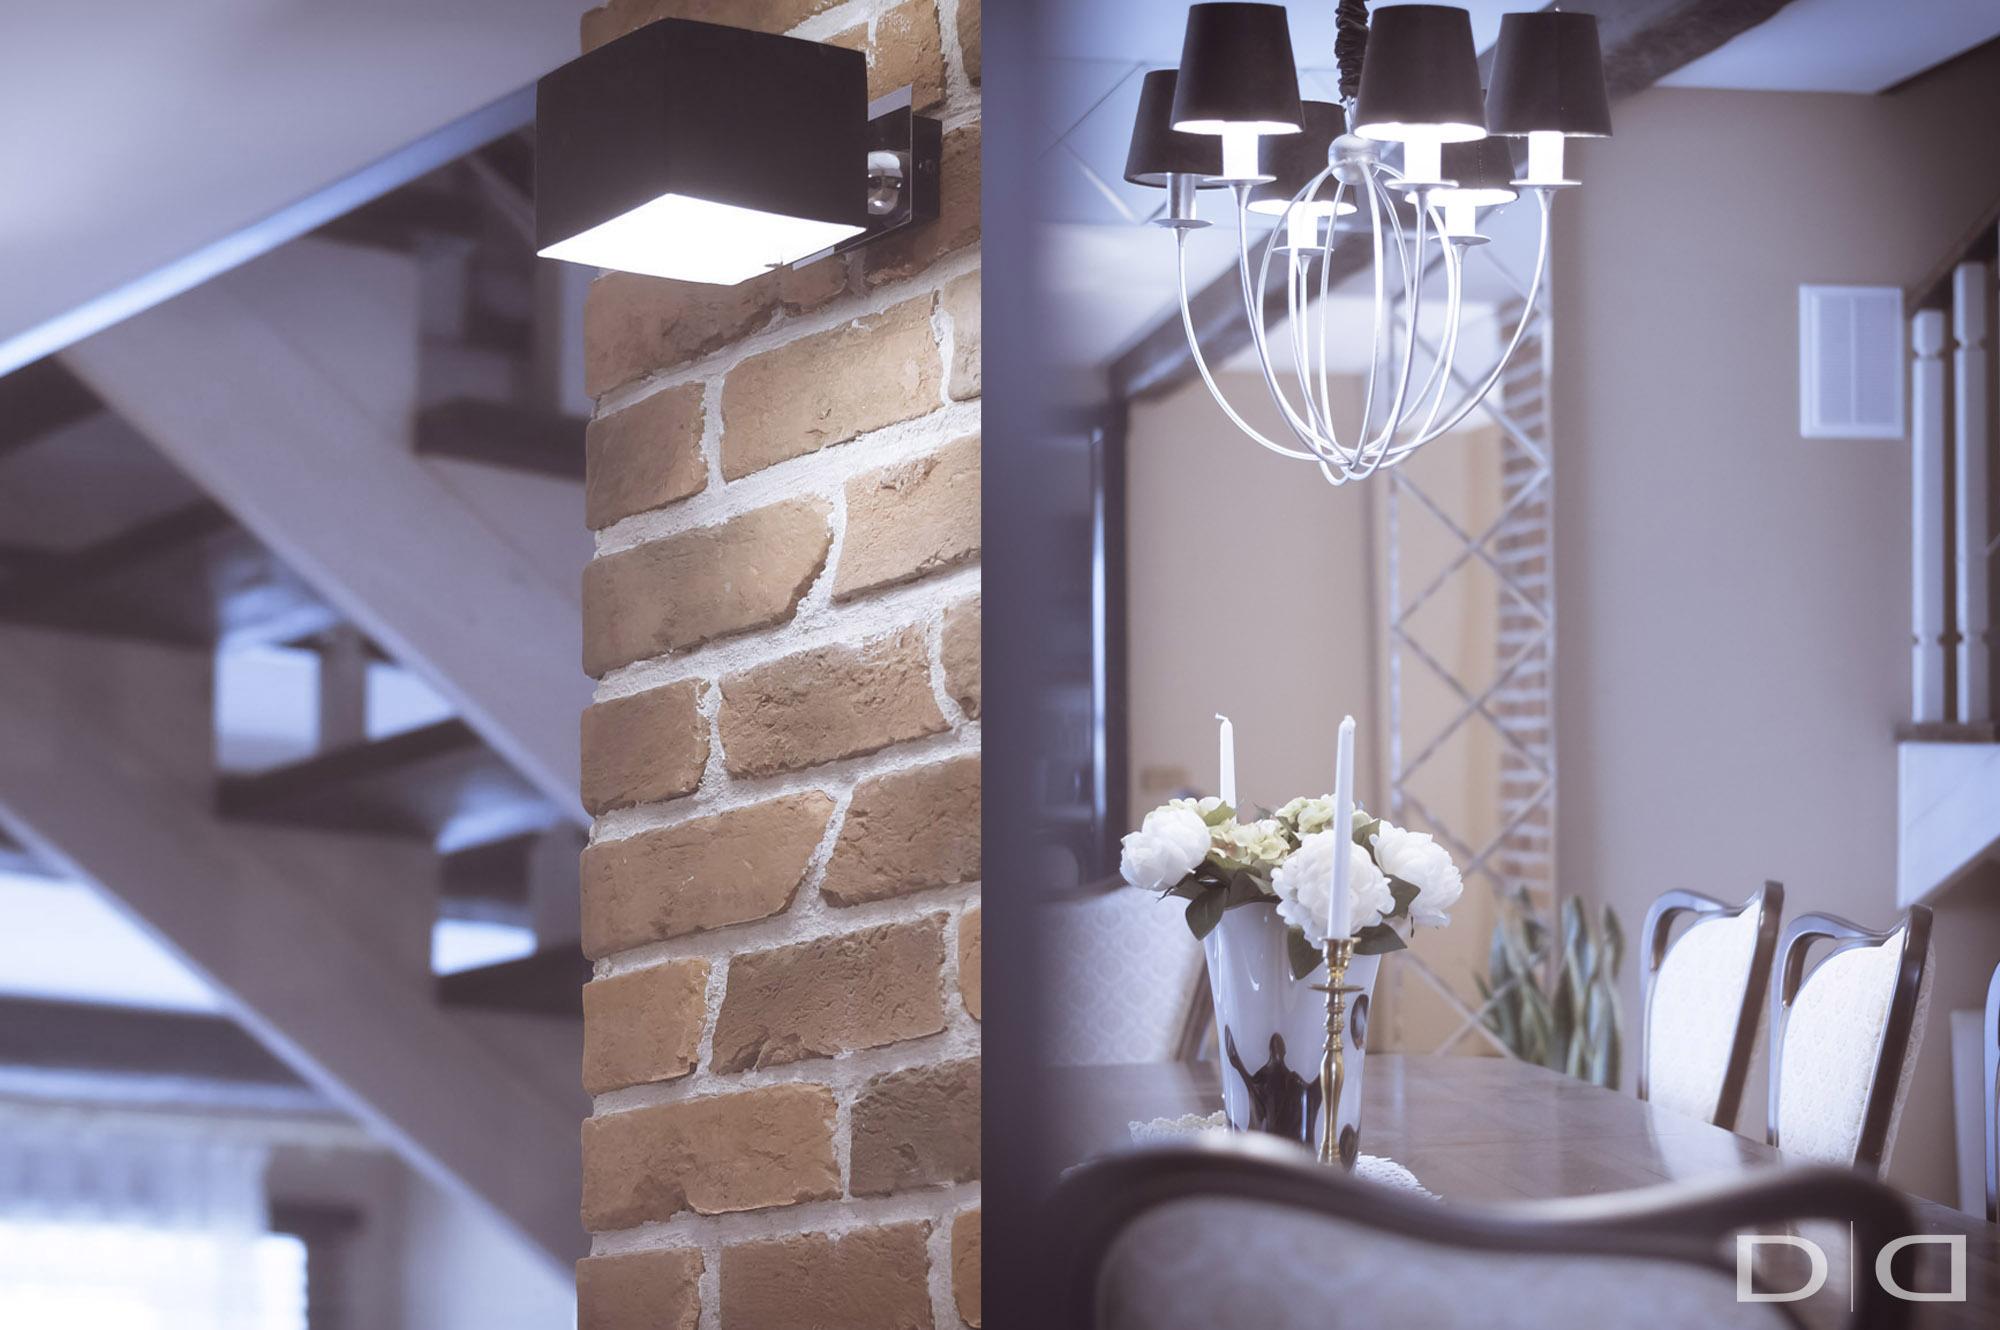 025_dd-interior_studio_design_project_minsk_009-19